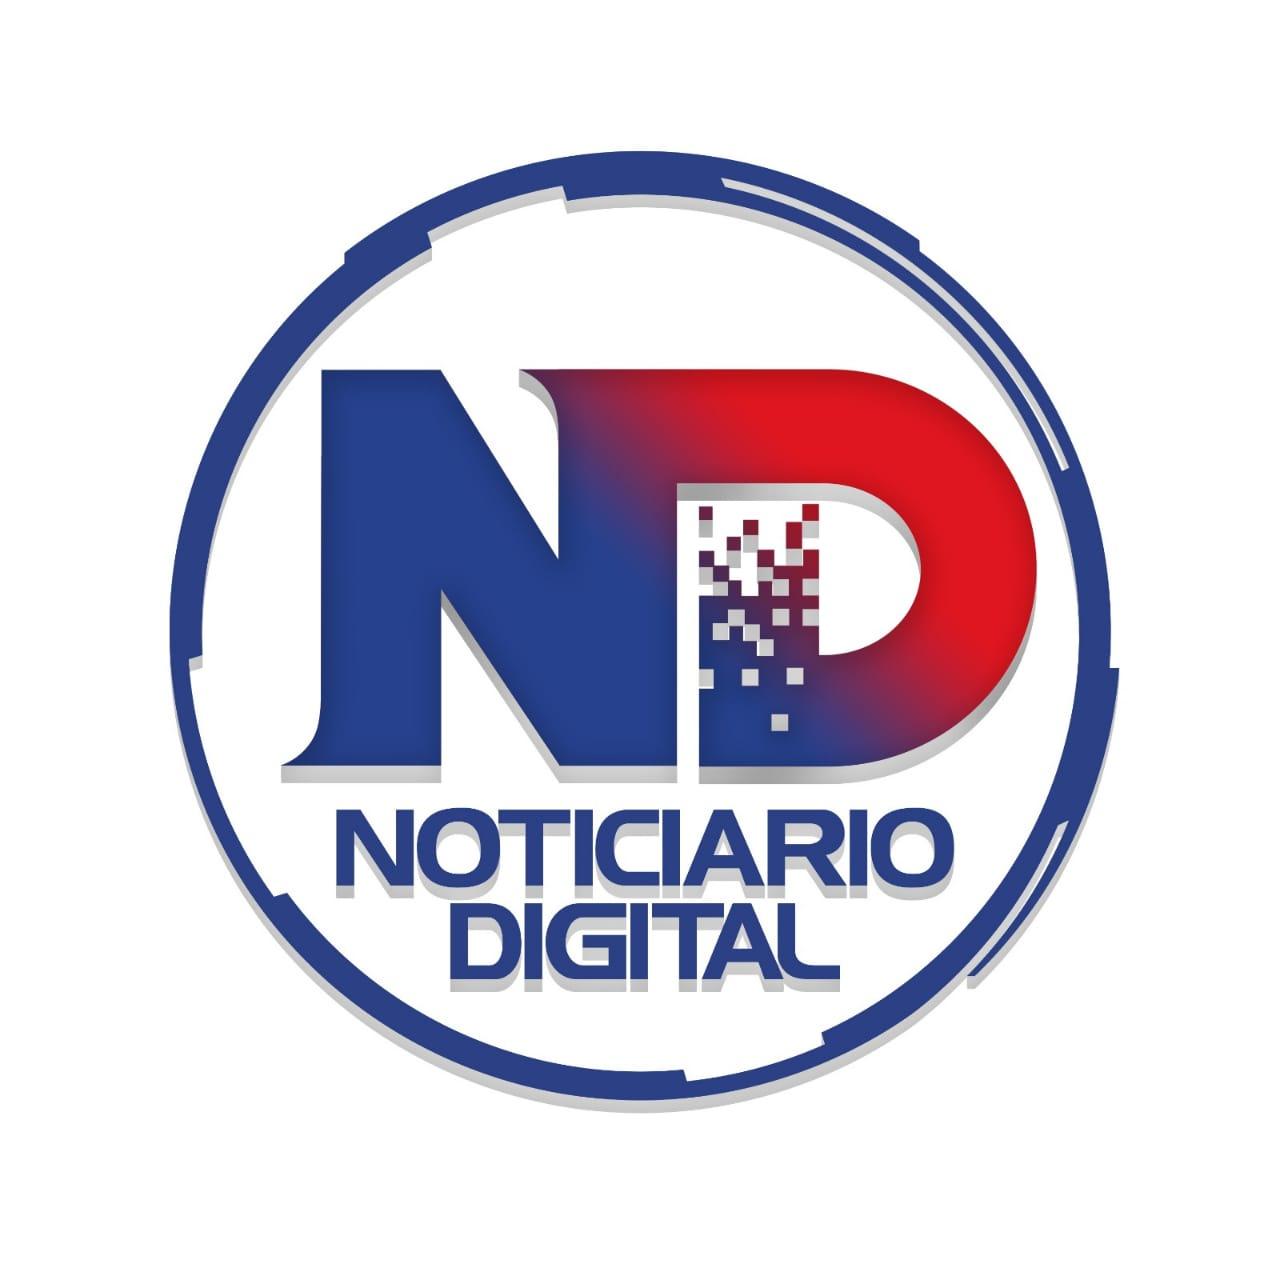 NOTICIARIO DIGITAL 7 MINUTOS CON LAS PRINCIPALES NOTICIAS DE RD Y EL MUNDO